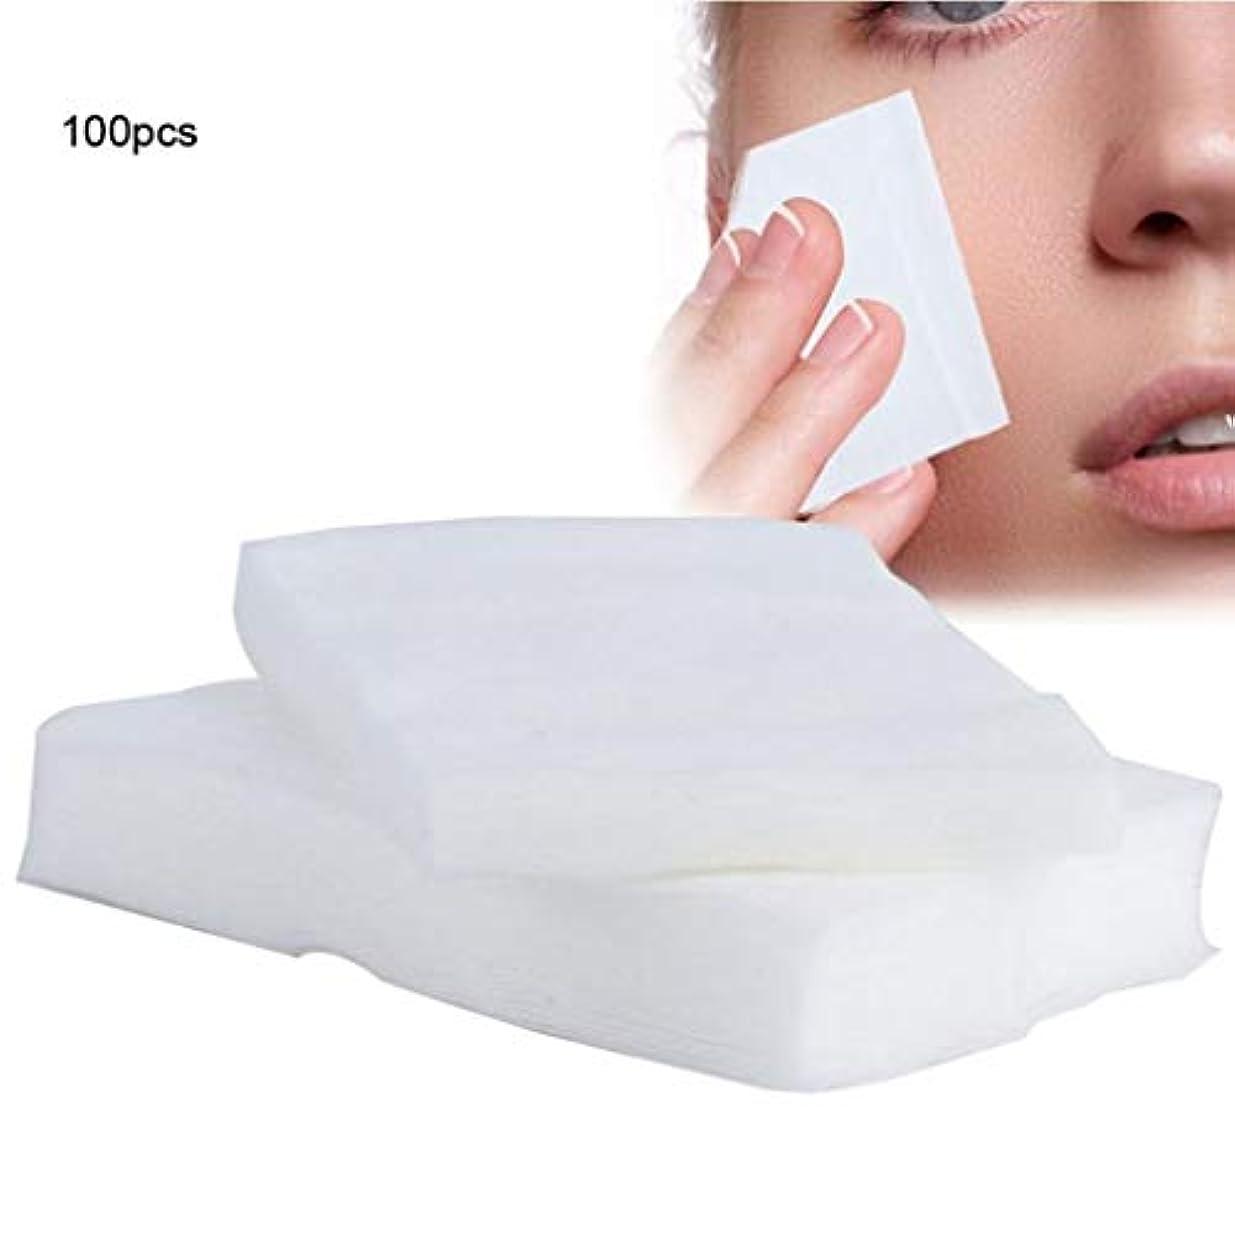 撤退購入権限クレンジングシート 100ピース化粧コットンパッド使い捨て化粧品リムーバーソフトフェイシャルクレンジングワイプペーパータオルメイクアップリムーバーワイプ (Color : White, サイズ : 6*7cm)